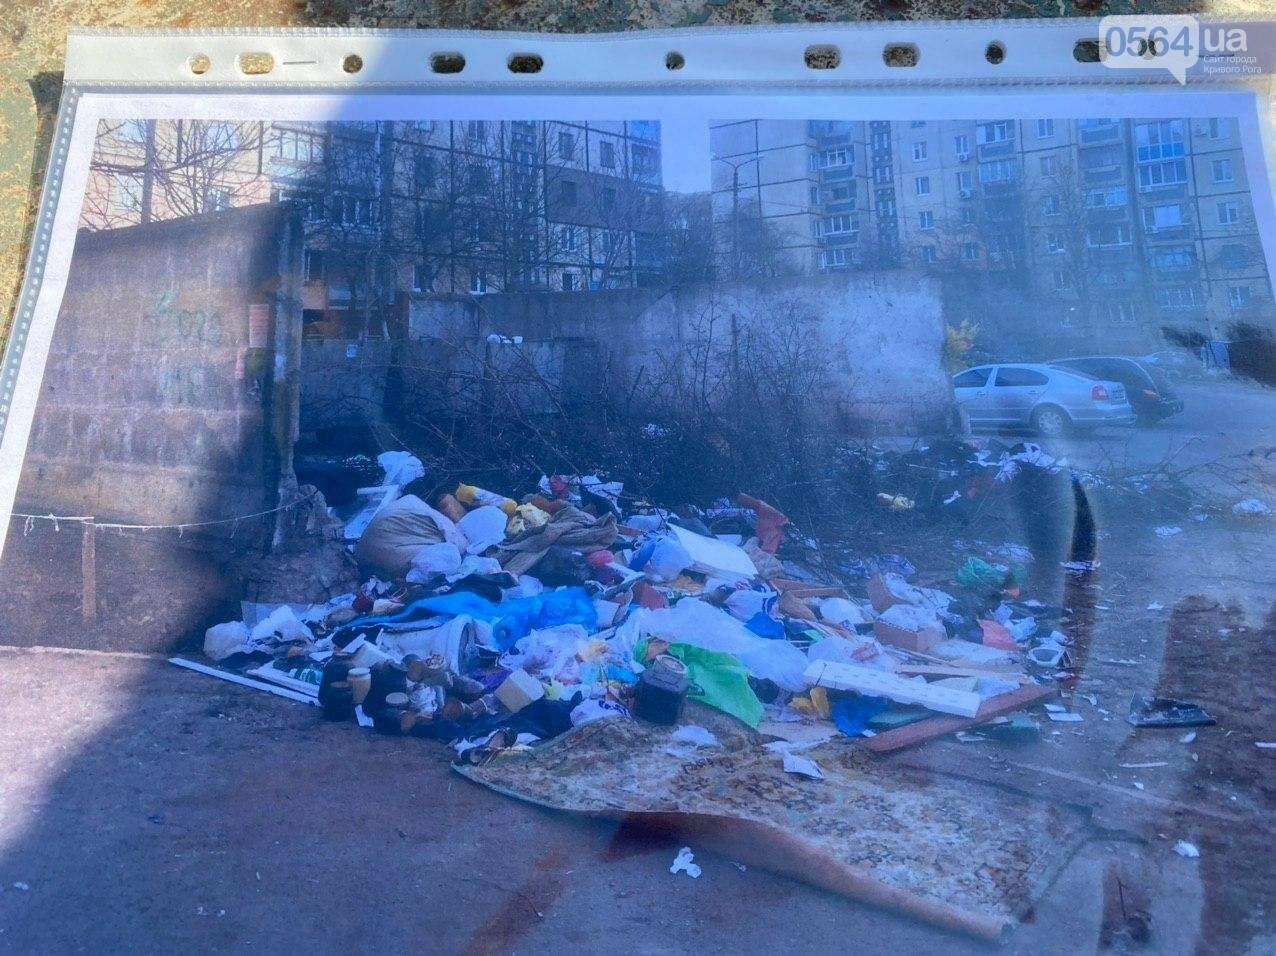 """""""Даже не смешно"""": криворожанам на просьбу реконструировать контейнерную площадку отчитались об уборке, - ФОТО, ВИДЕО , фото-13"""